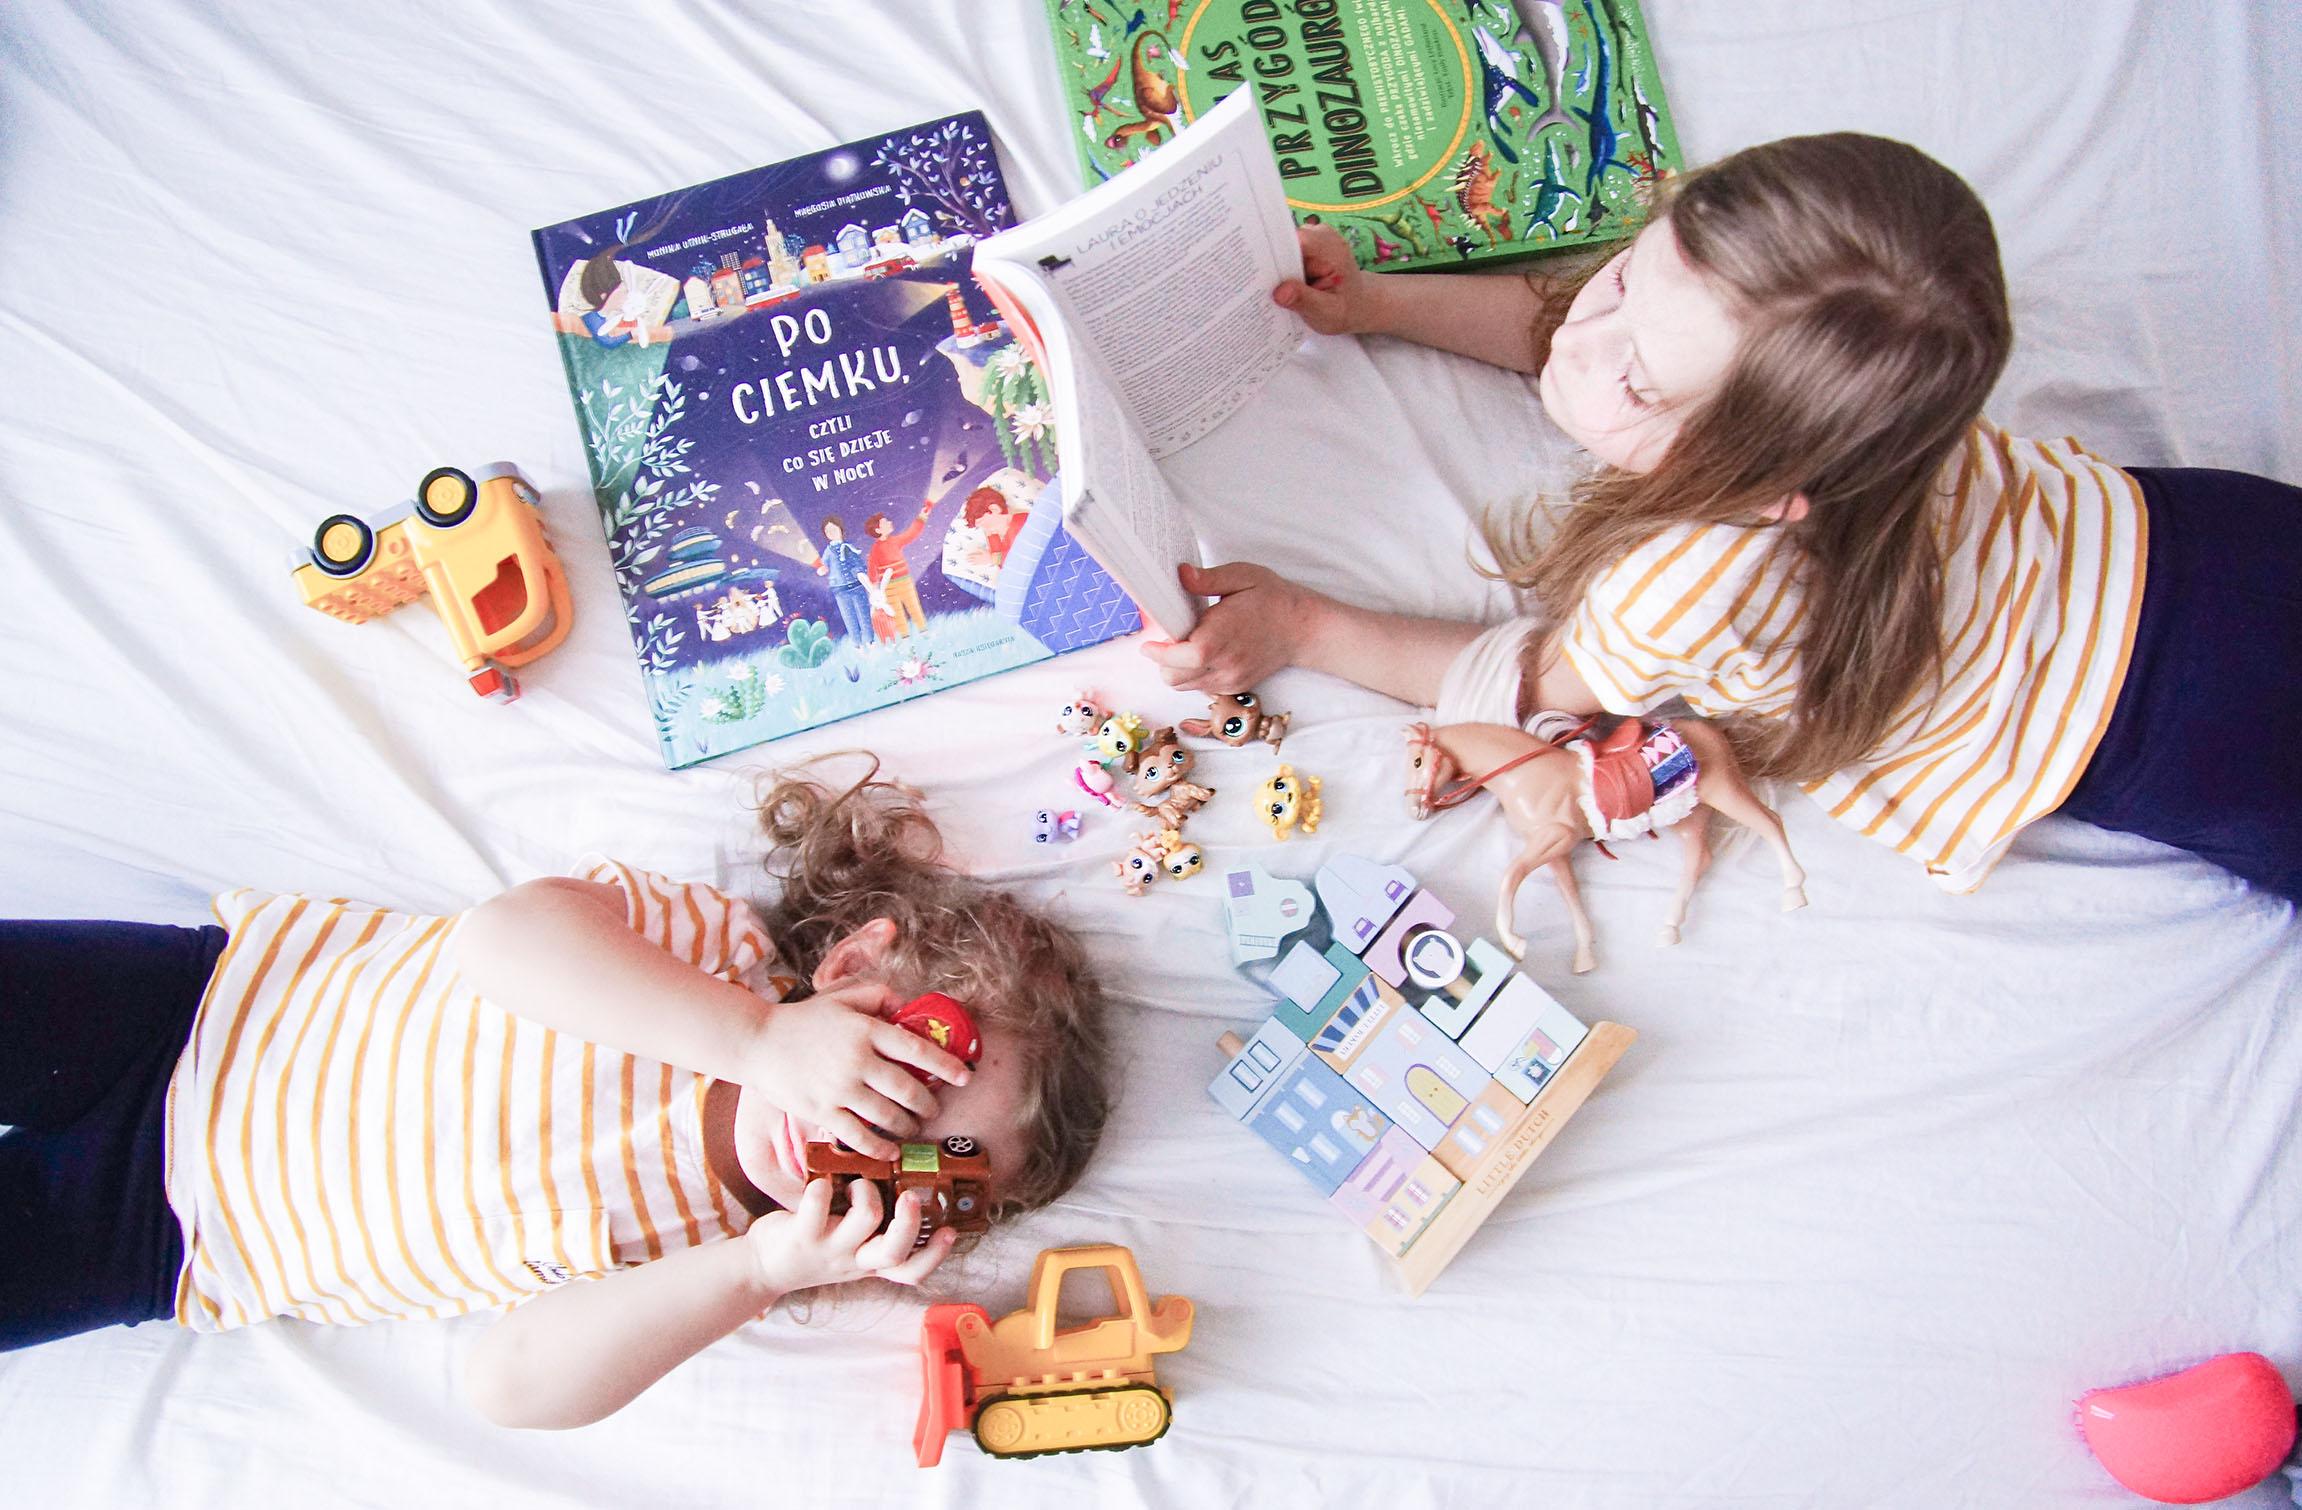 prezent na zająca, prezent dla dziecka, książka po ciemku